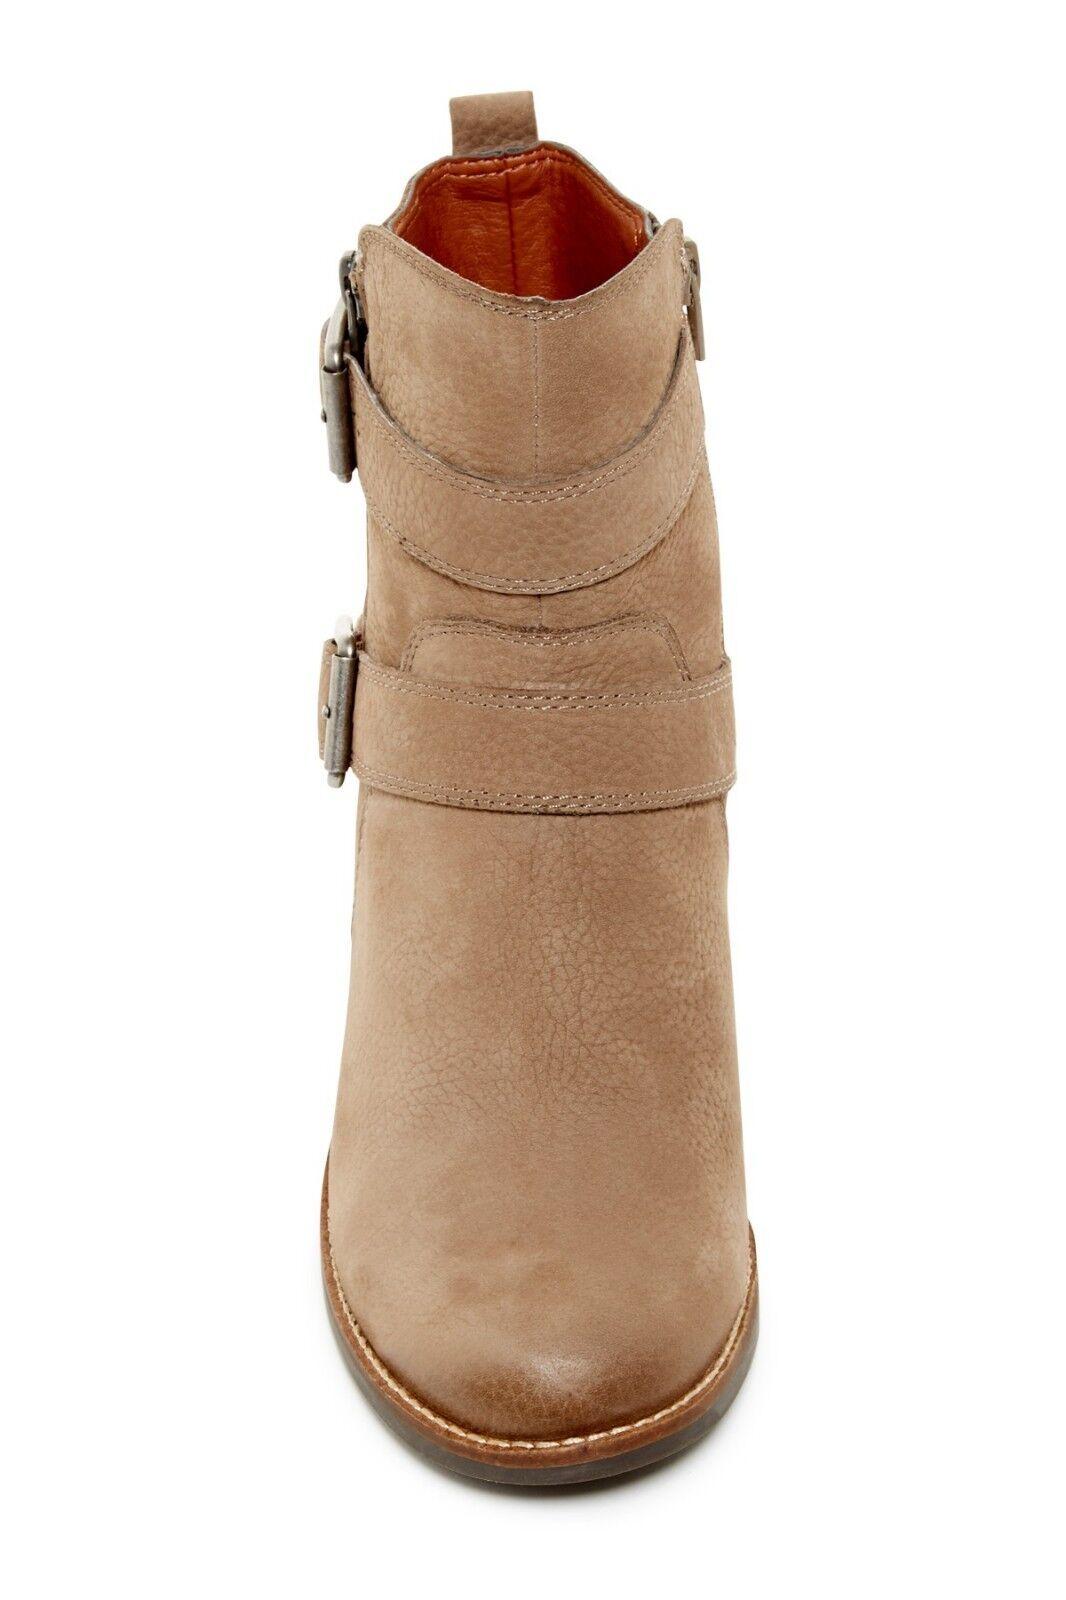 Lucky Brand Leather Ankle Stiefelies LK Castillas Stiefel Brindle Größe 7 M NEW